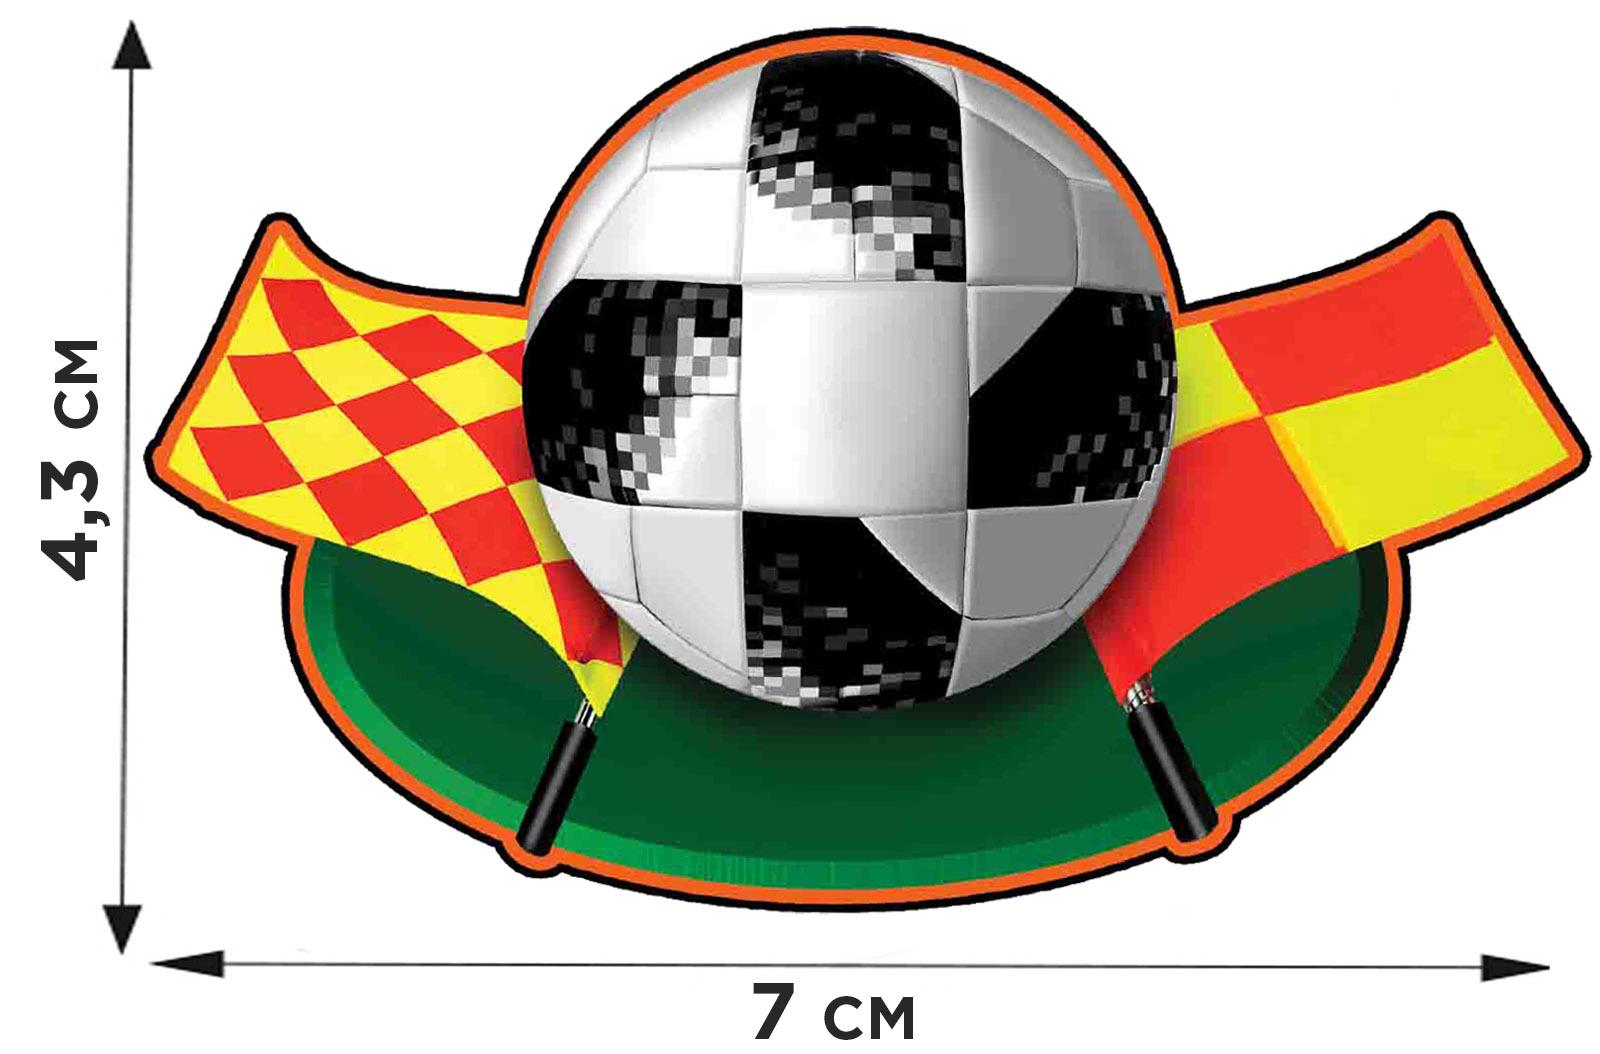 Заказать термонаклейку культового мяча FIFA по низкой цене